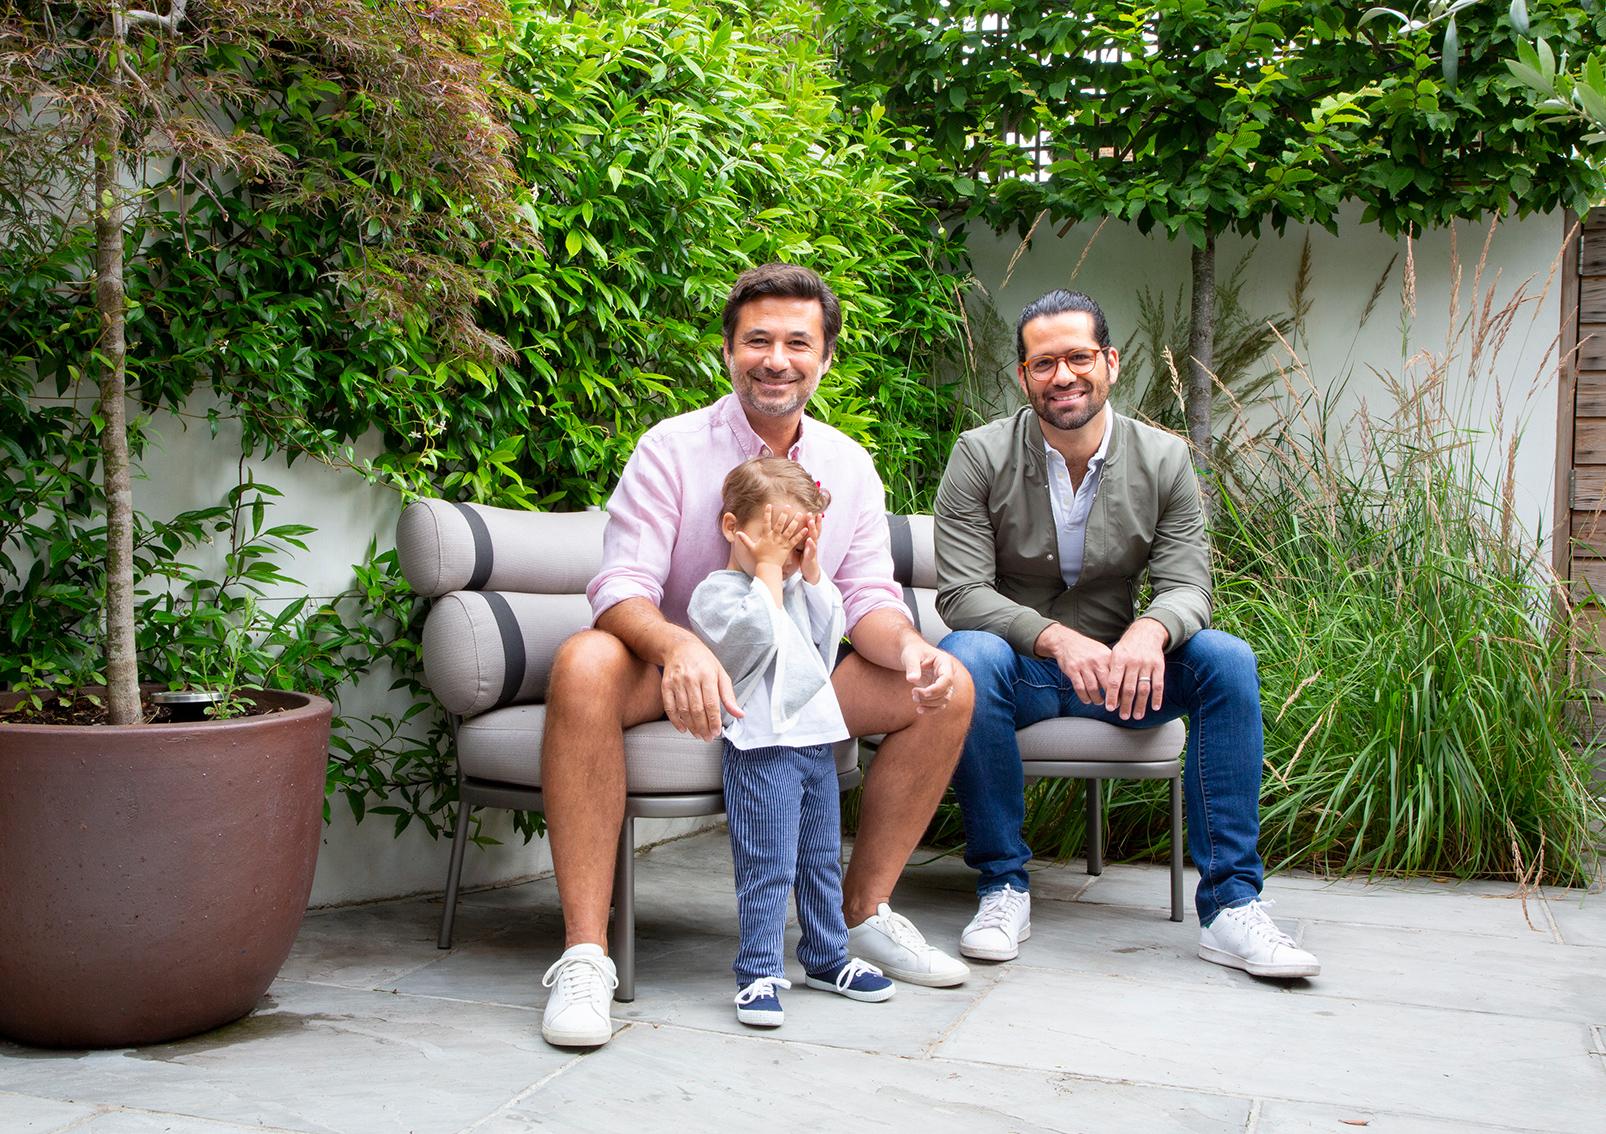 Pedro Pina (left) & Family - VP, Head of YouTube EMEA, Google